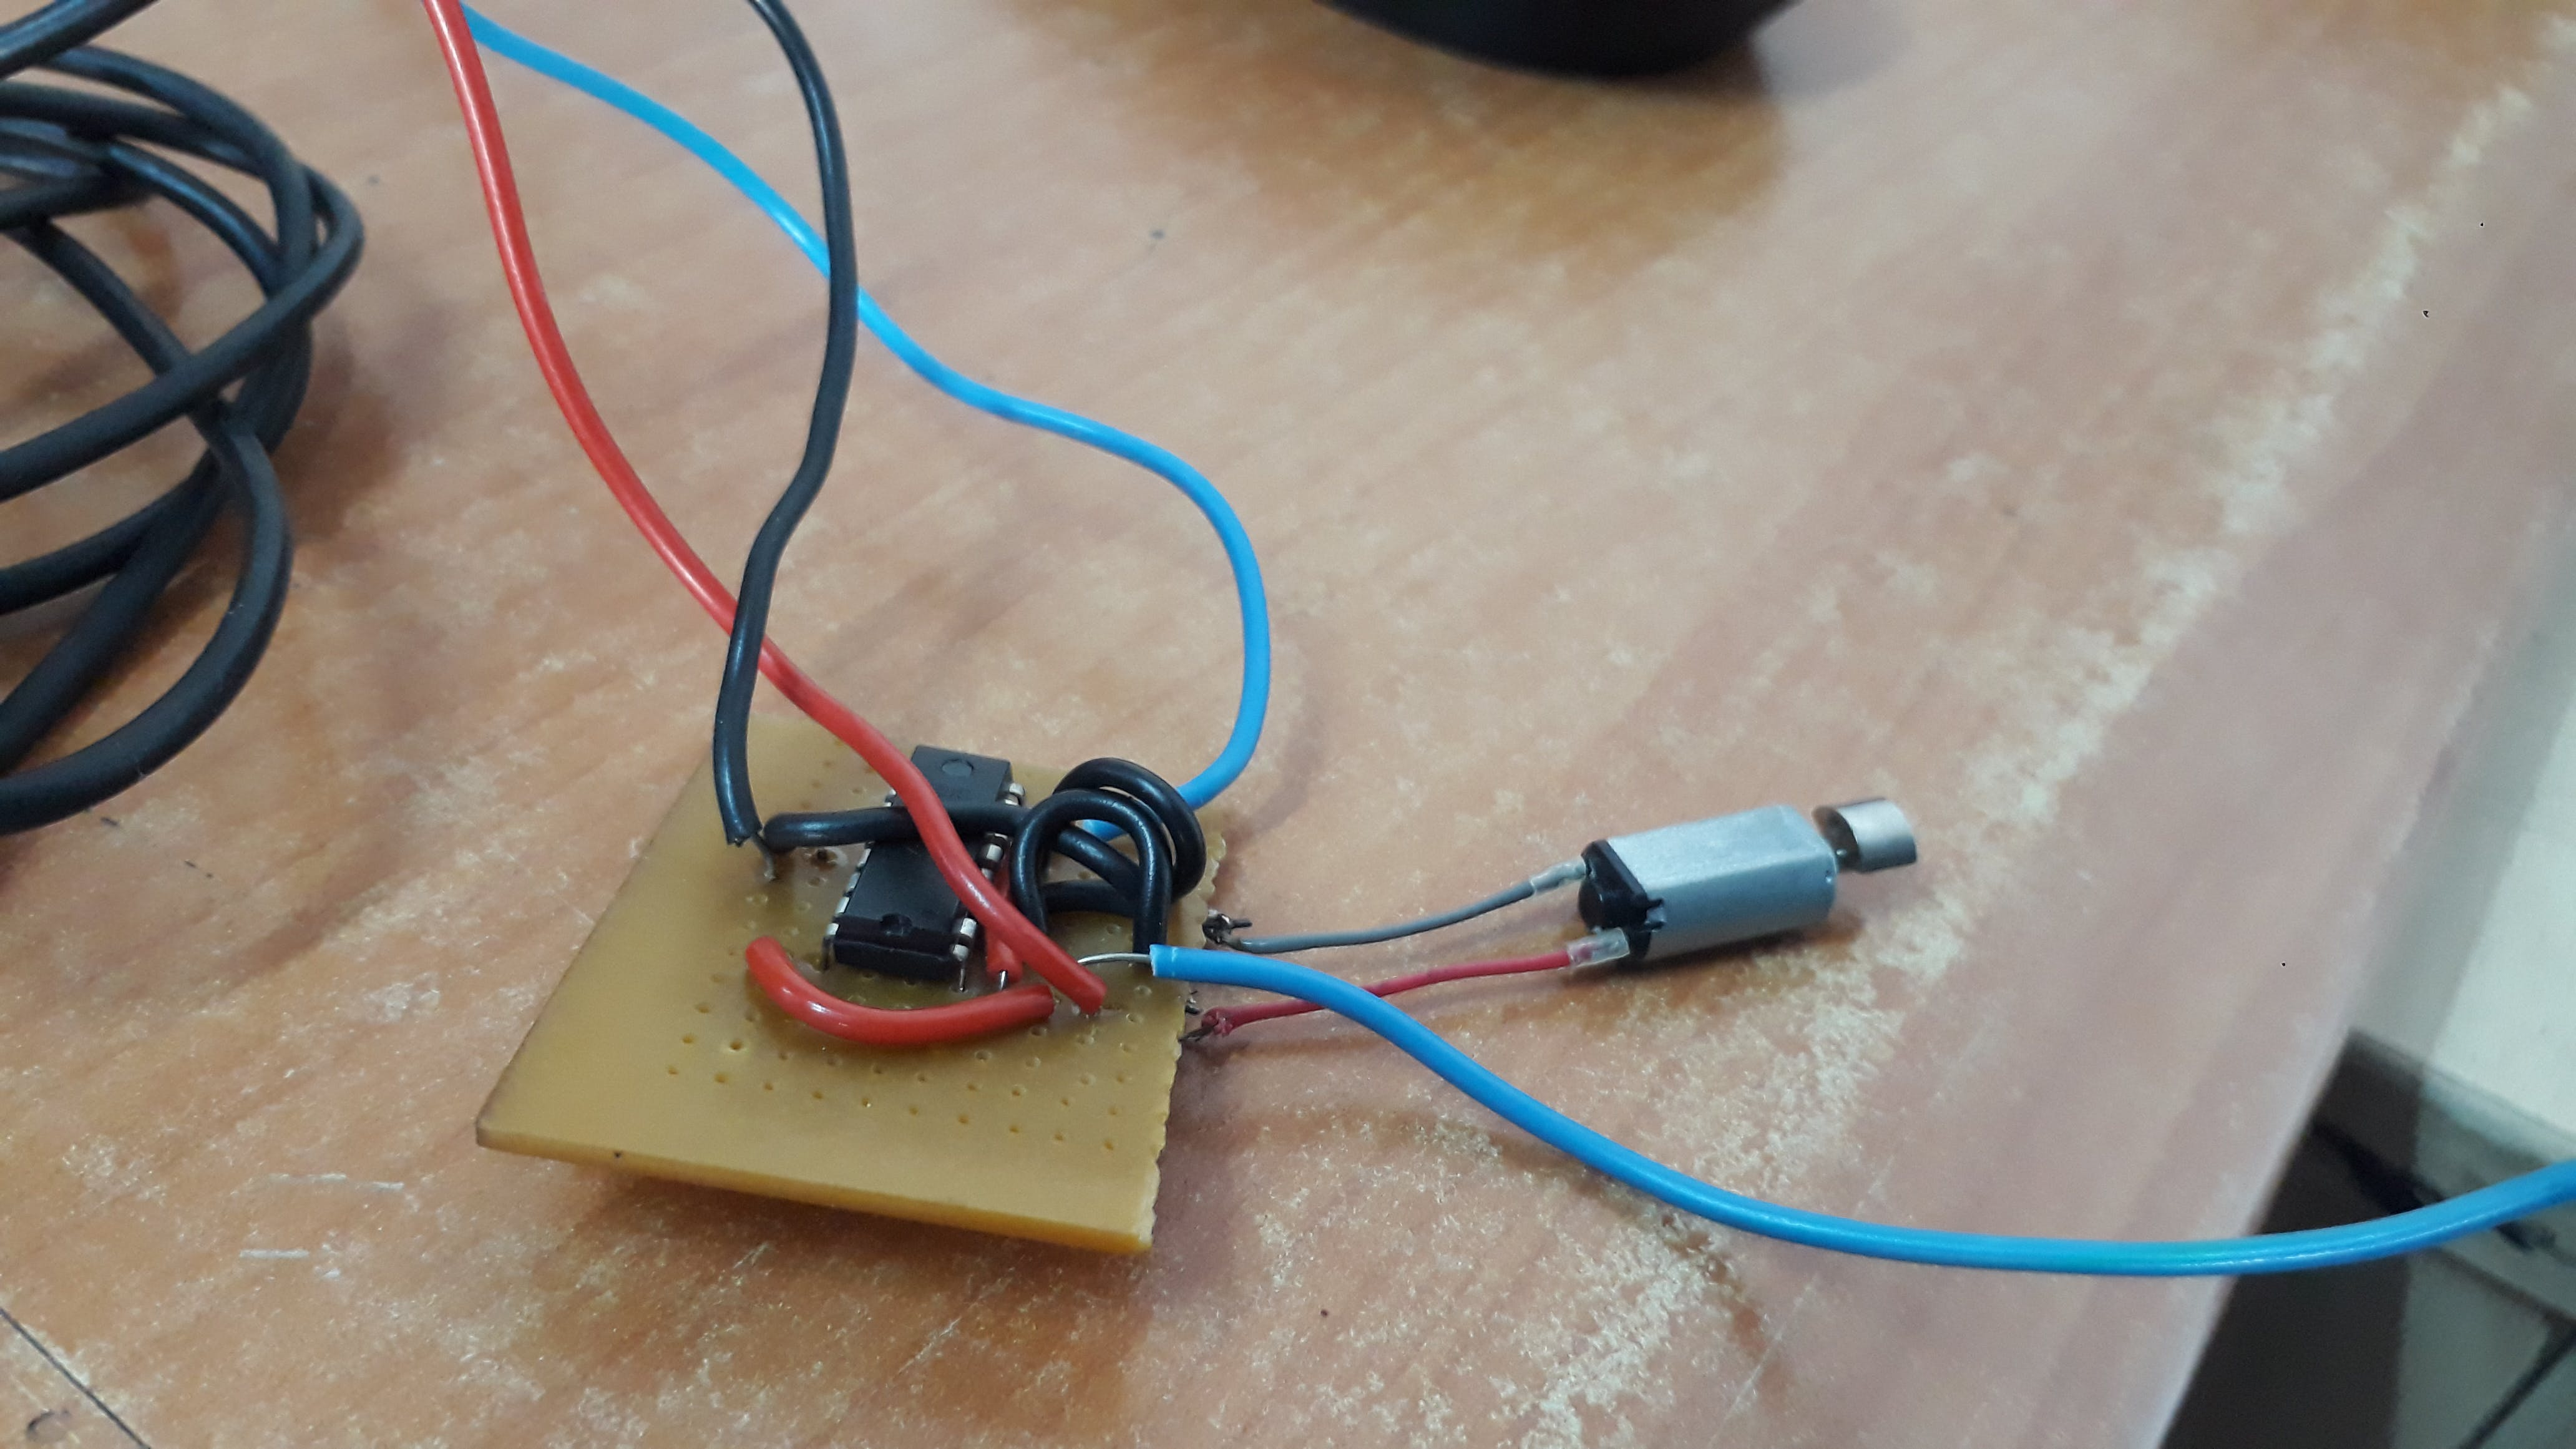 Mini vibrating motor with L293D driver